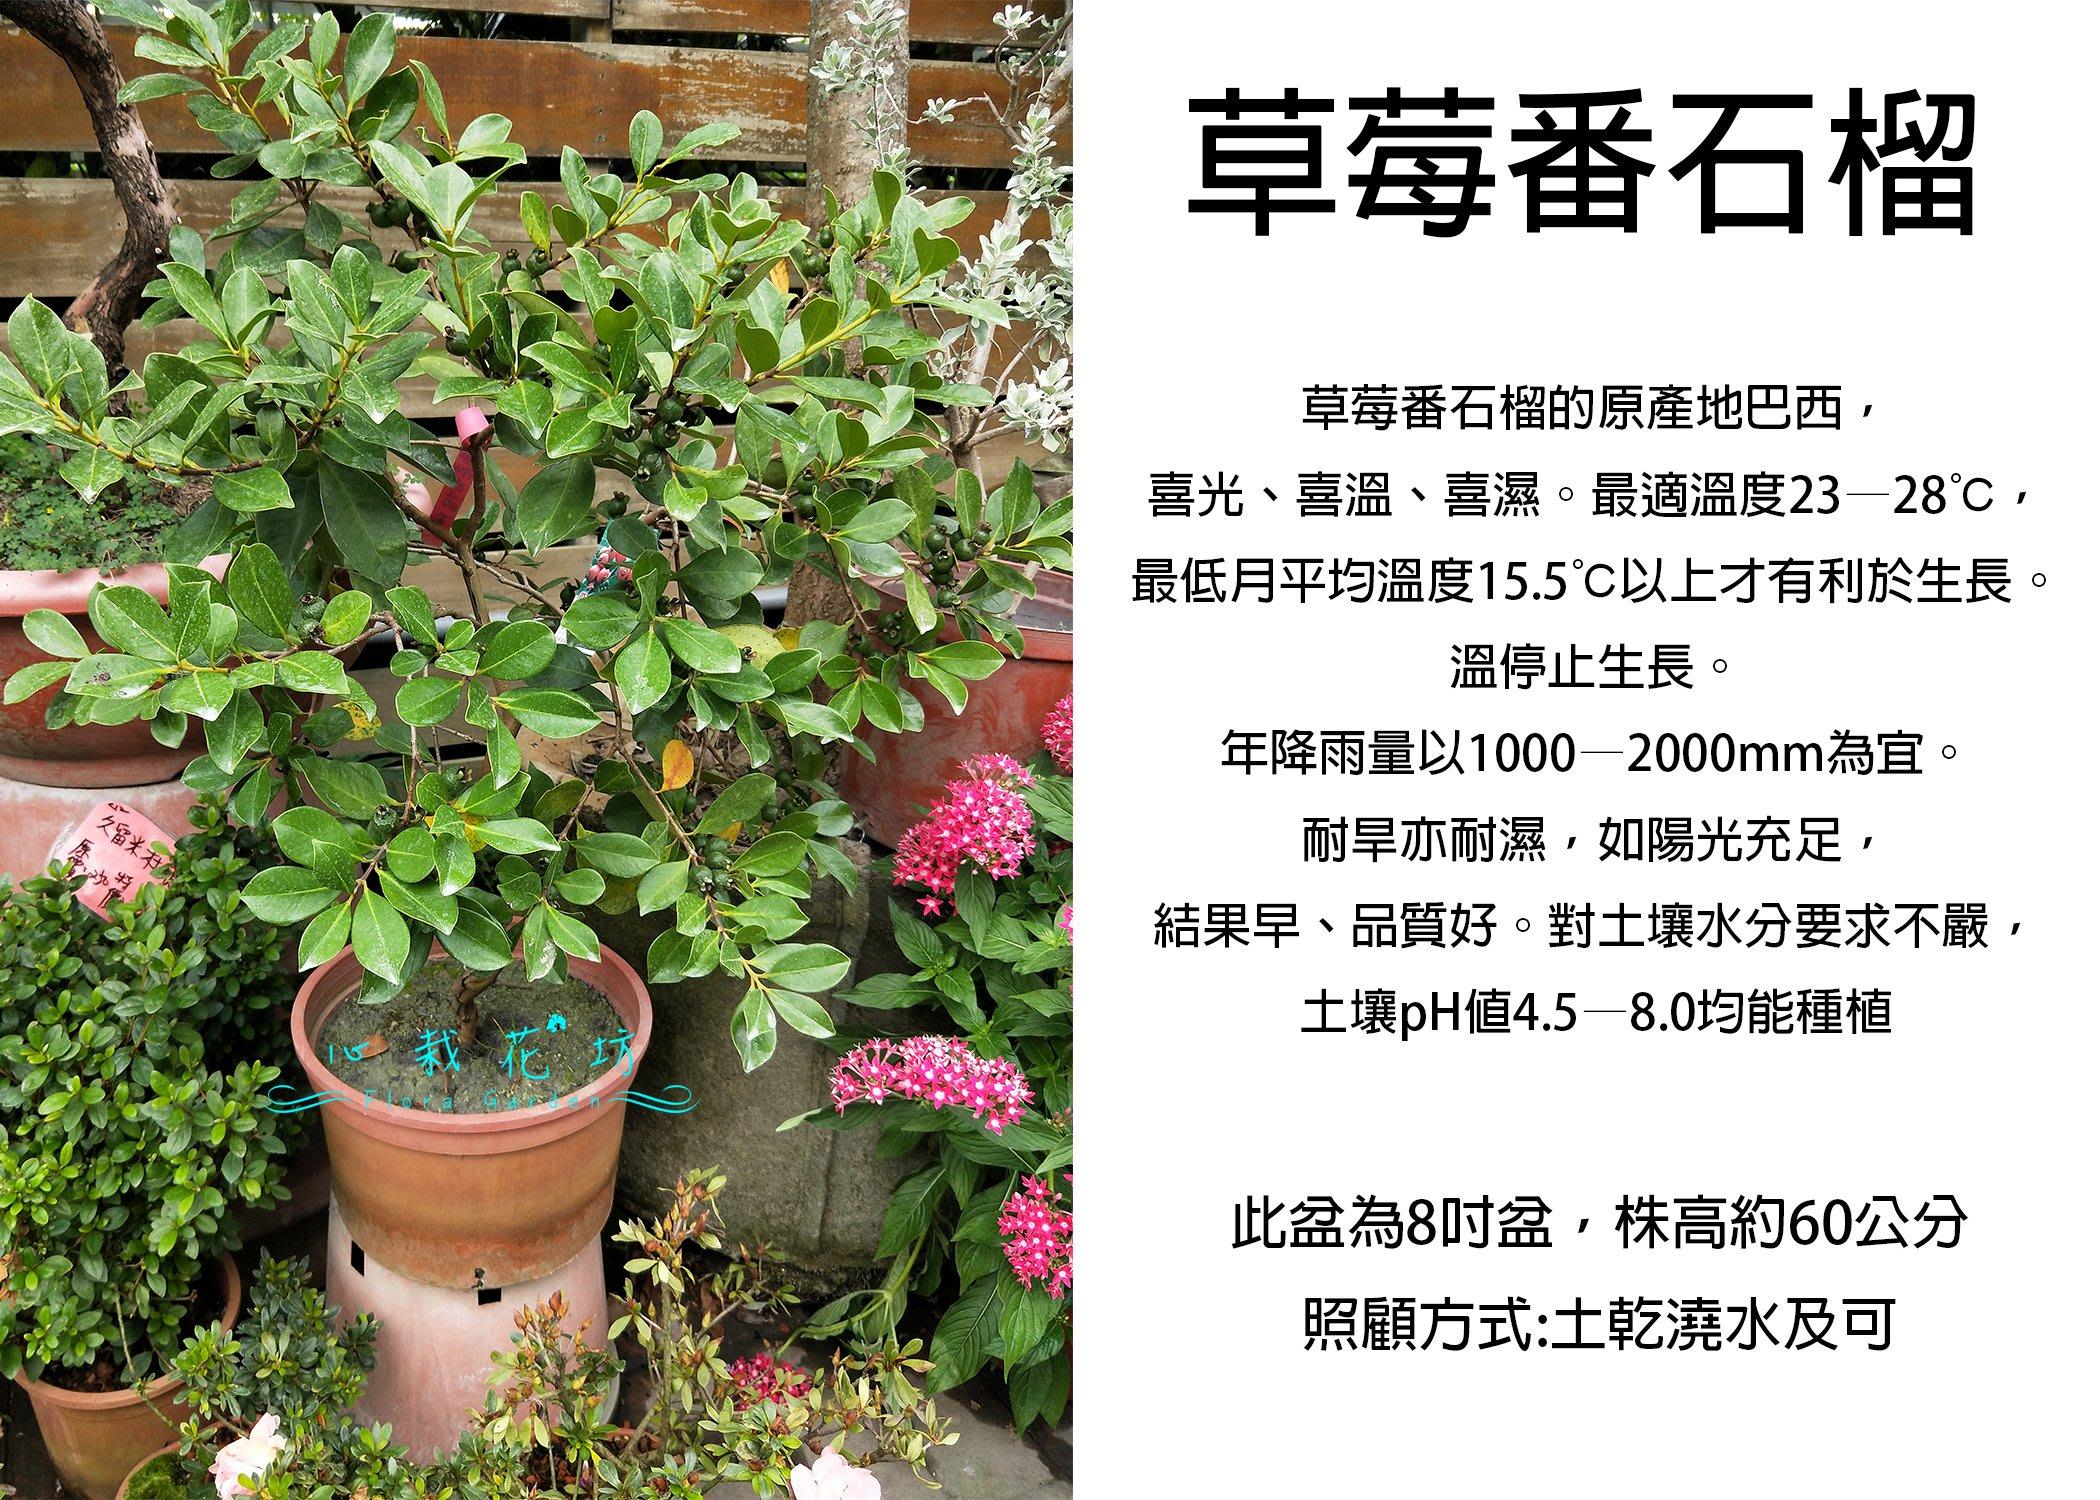 心栽花坊-草莓番石榴/8吋/番石榴/水果苗/售價360特價300